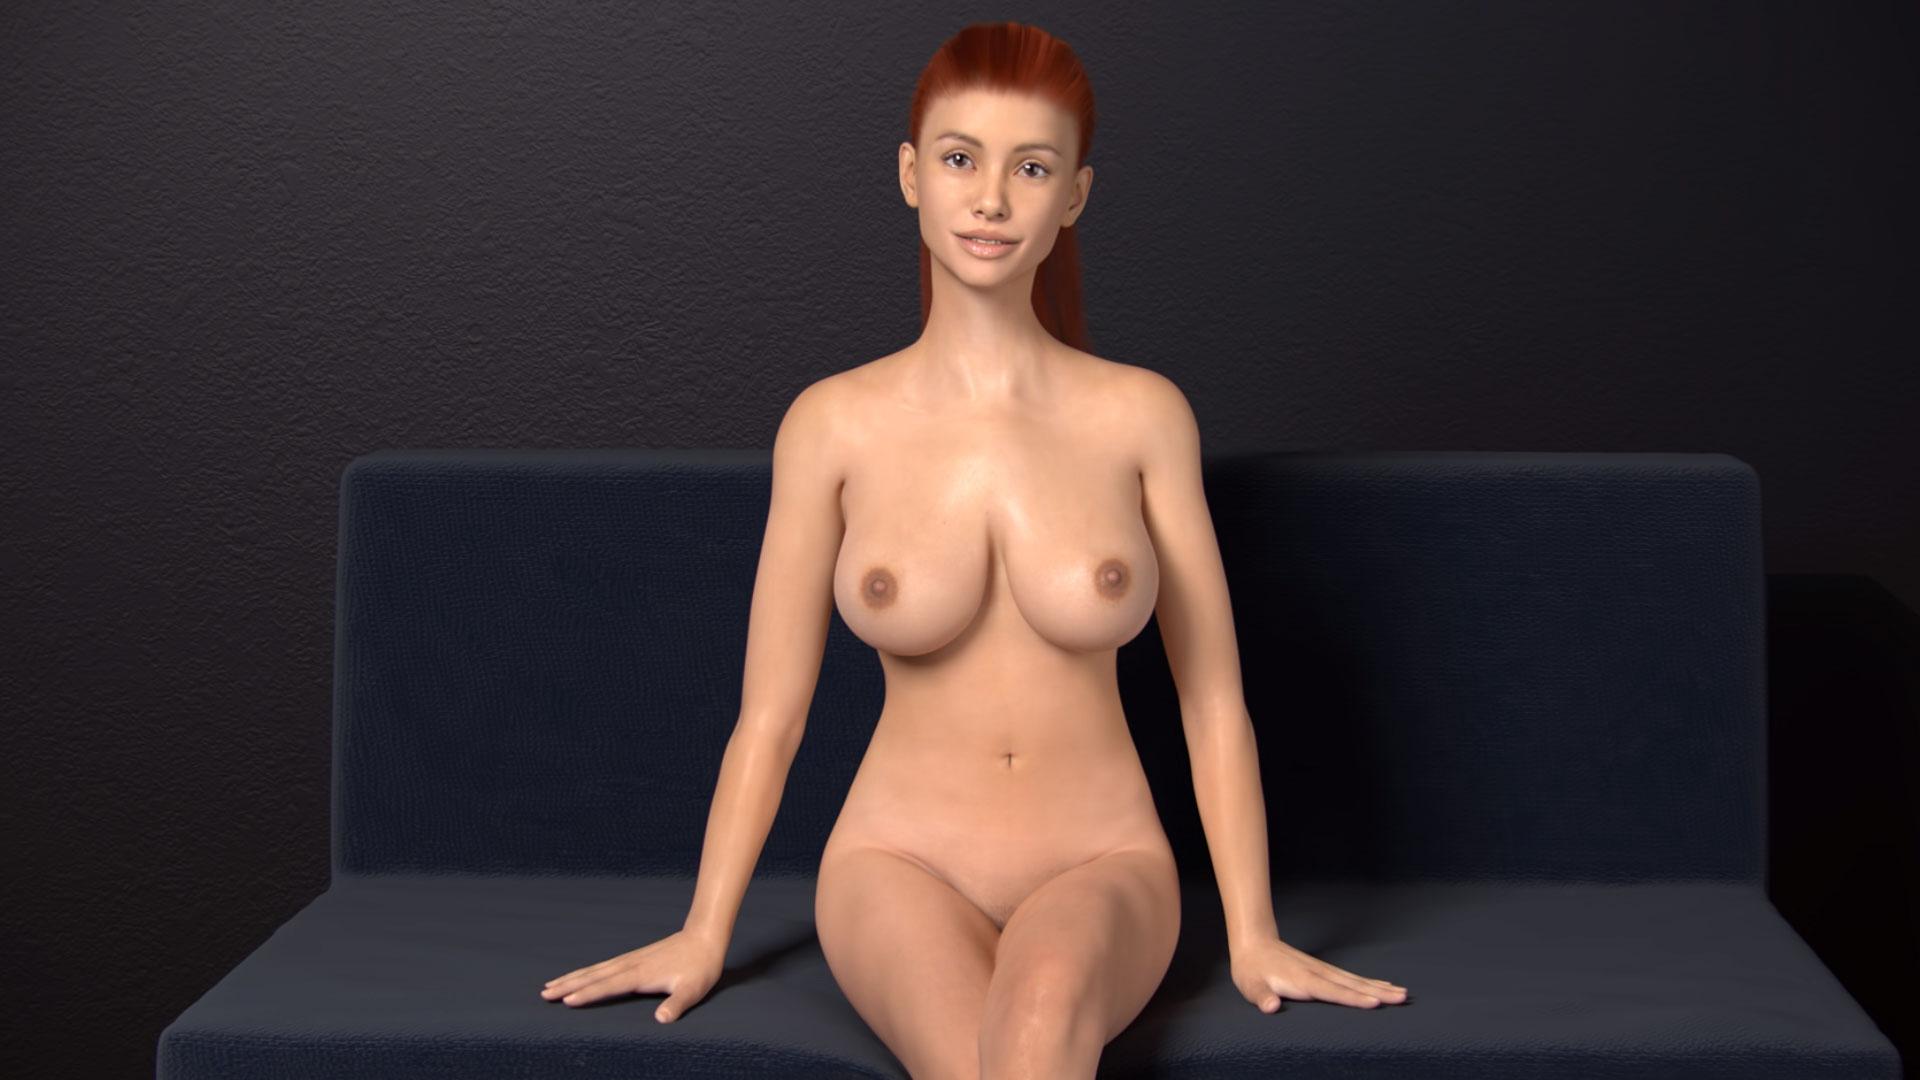 Porn virtual girl games